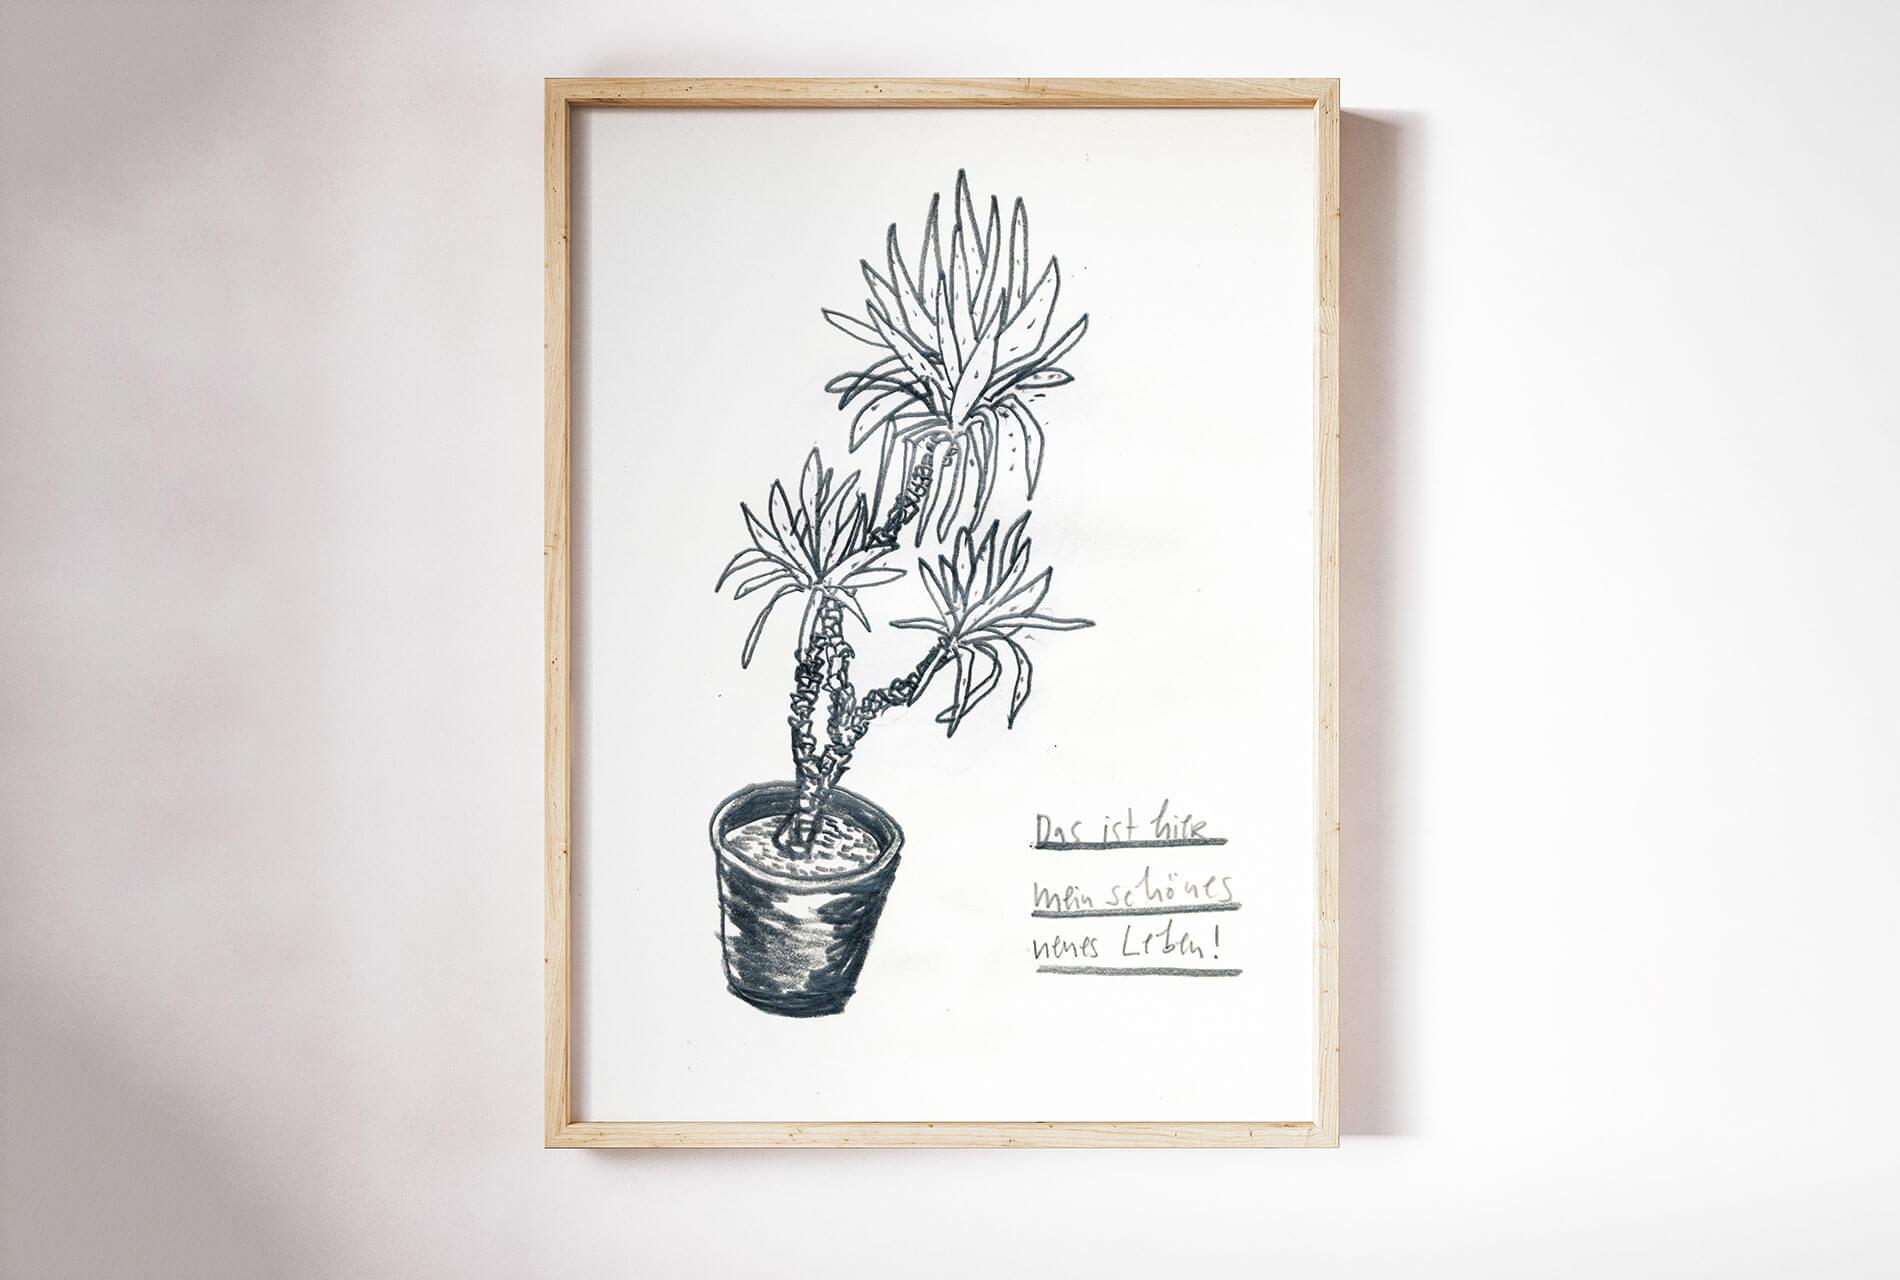 Matrosenhunde, Das hier ist mein schönes neues Leben, Zimmerpflanze, Zimmerpalme, Faksimile, Illustration, Bettbüro, Homeoffice, Fine Art Print,